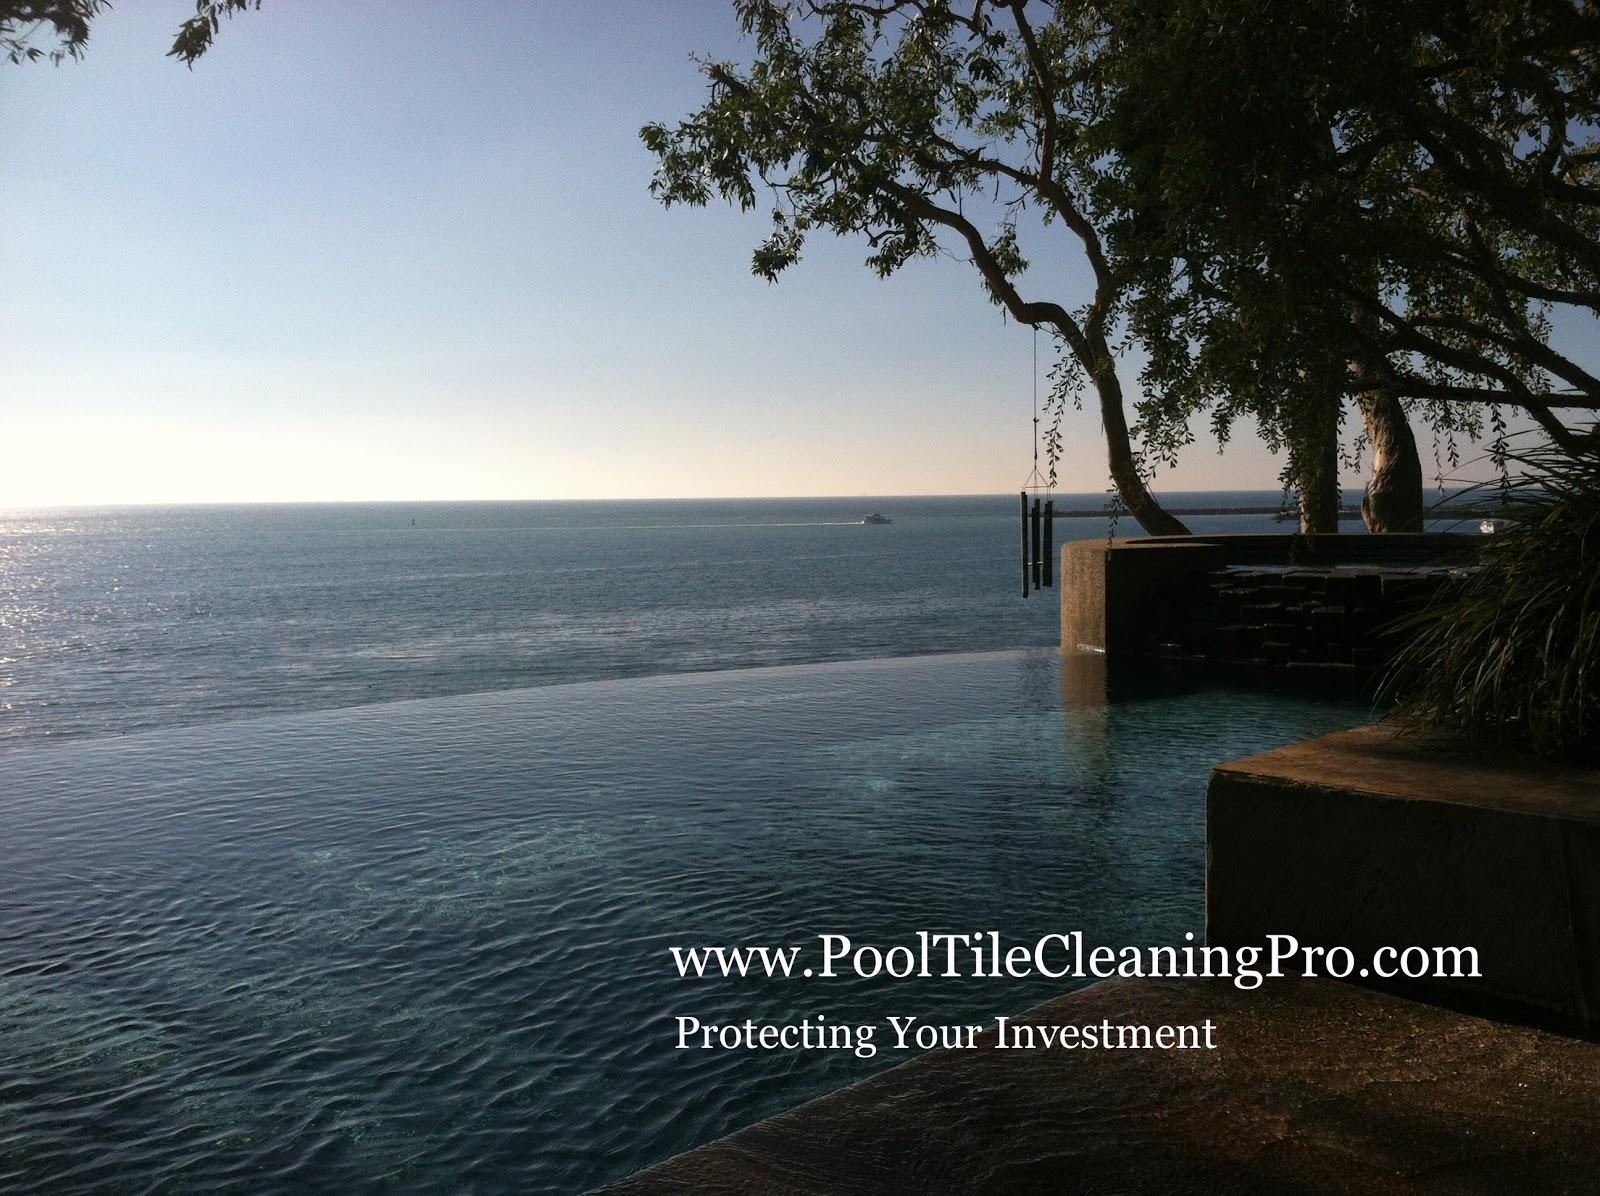 oc la palm springs riverside pool tile cleaning and repair bead blasting pool tile or soda blasting